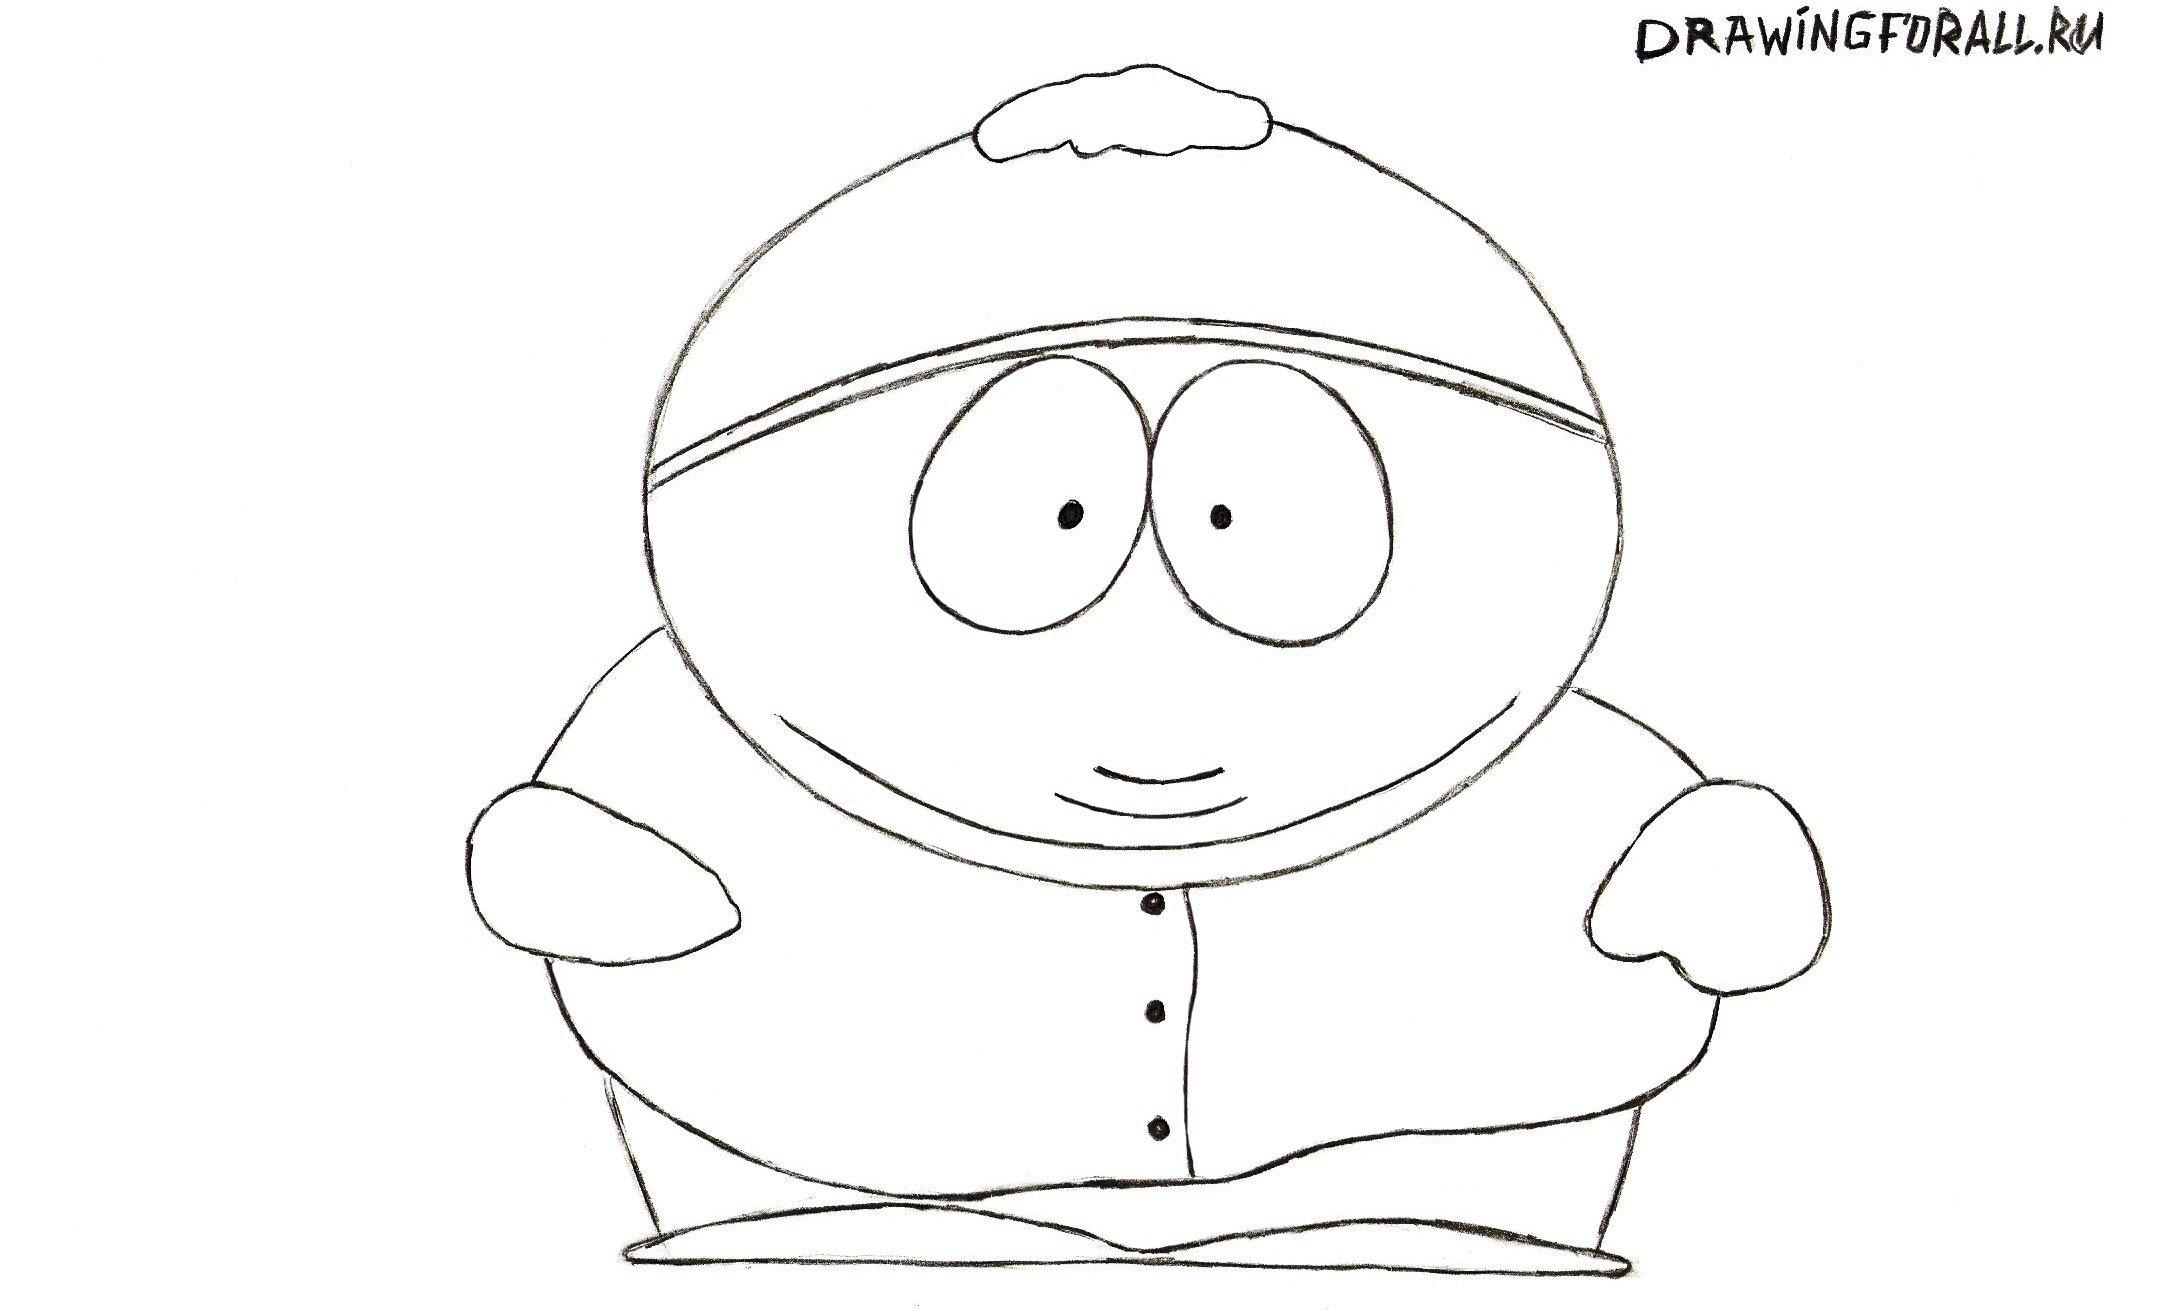 Как нарисовать Эрика Картмана